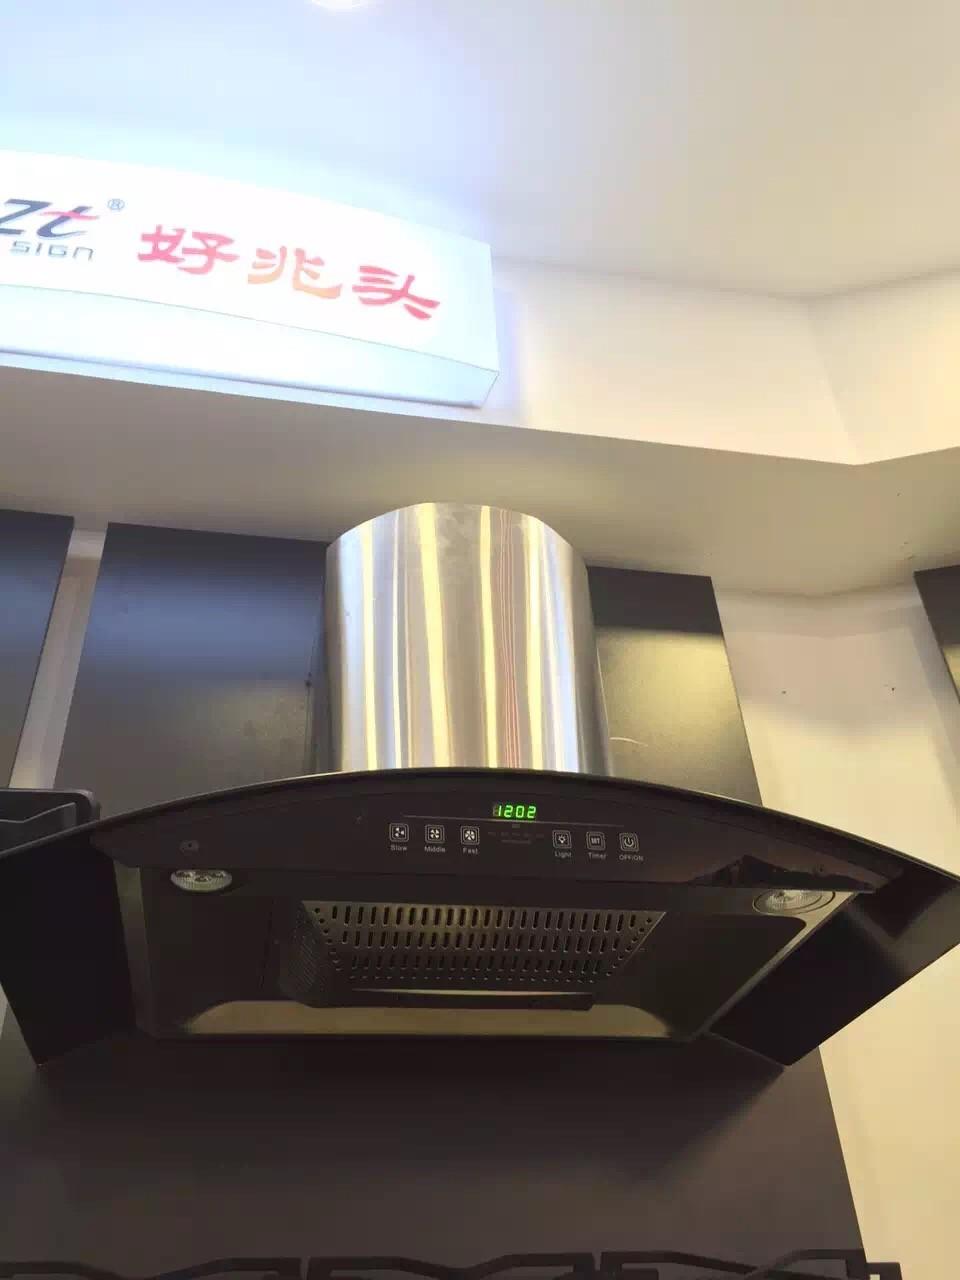 210#/304#ss Chinese Kitchen Exhaust Range Hood/kitchen Range